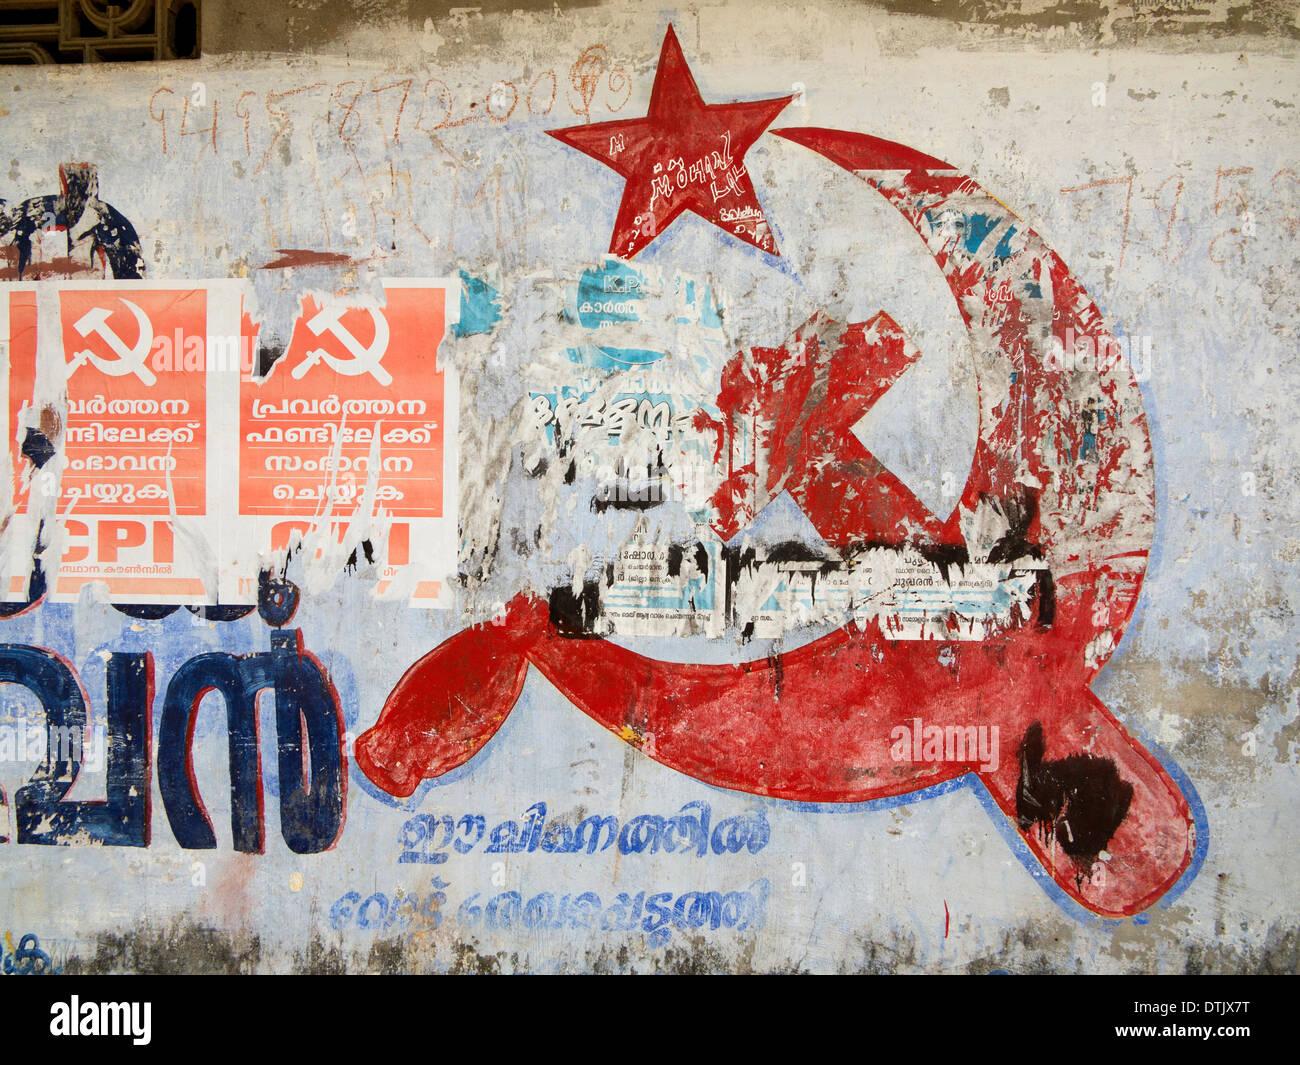 India, Kerala, la política, el Partido Comunista de la hoz y el martillo símbolo parte oscurecida en la pared Imagen De Stock